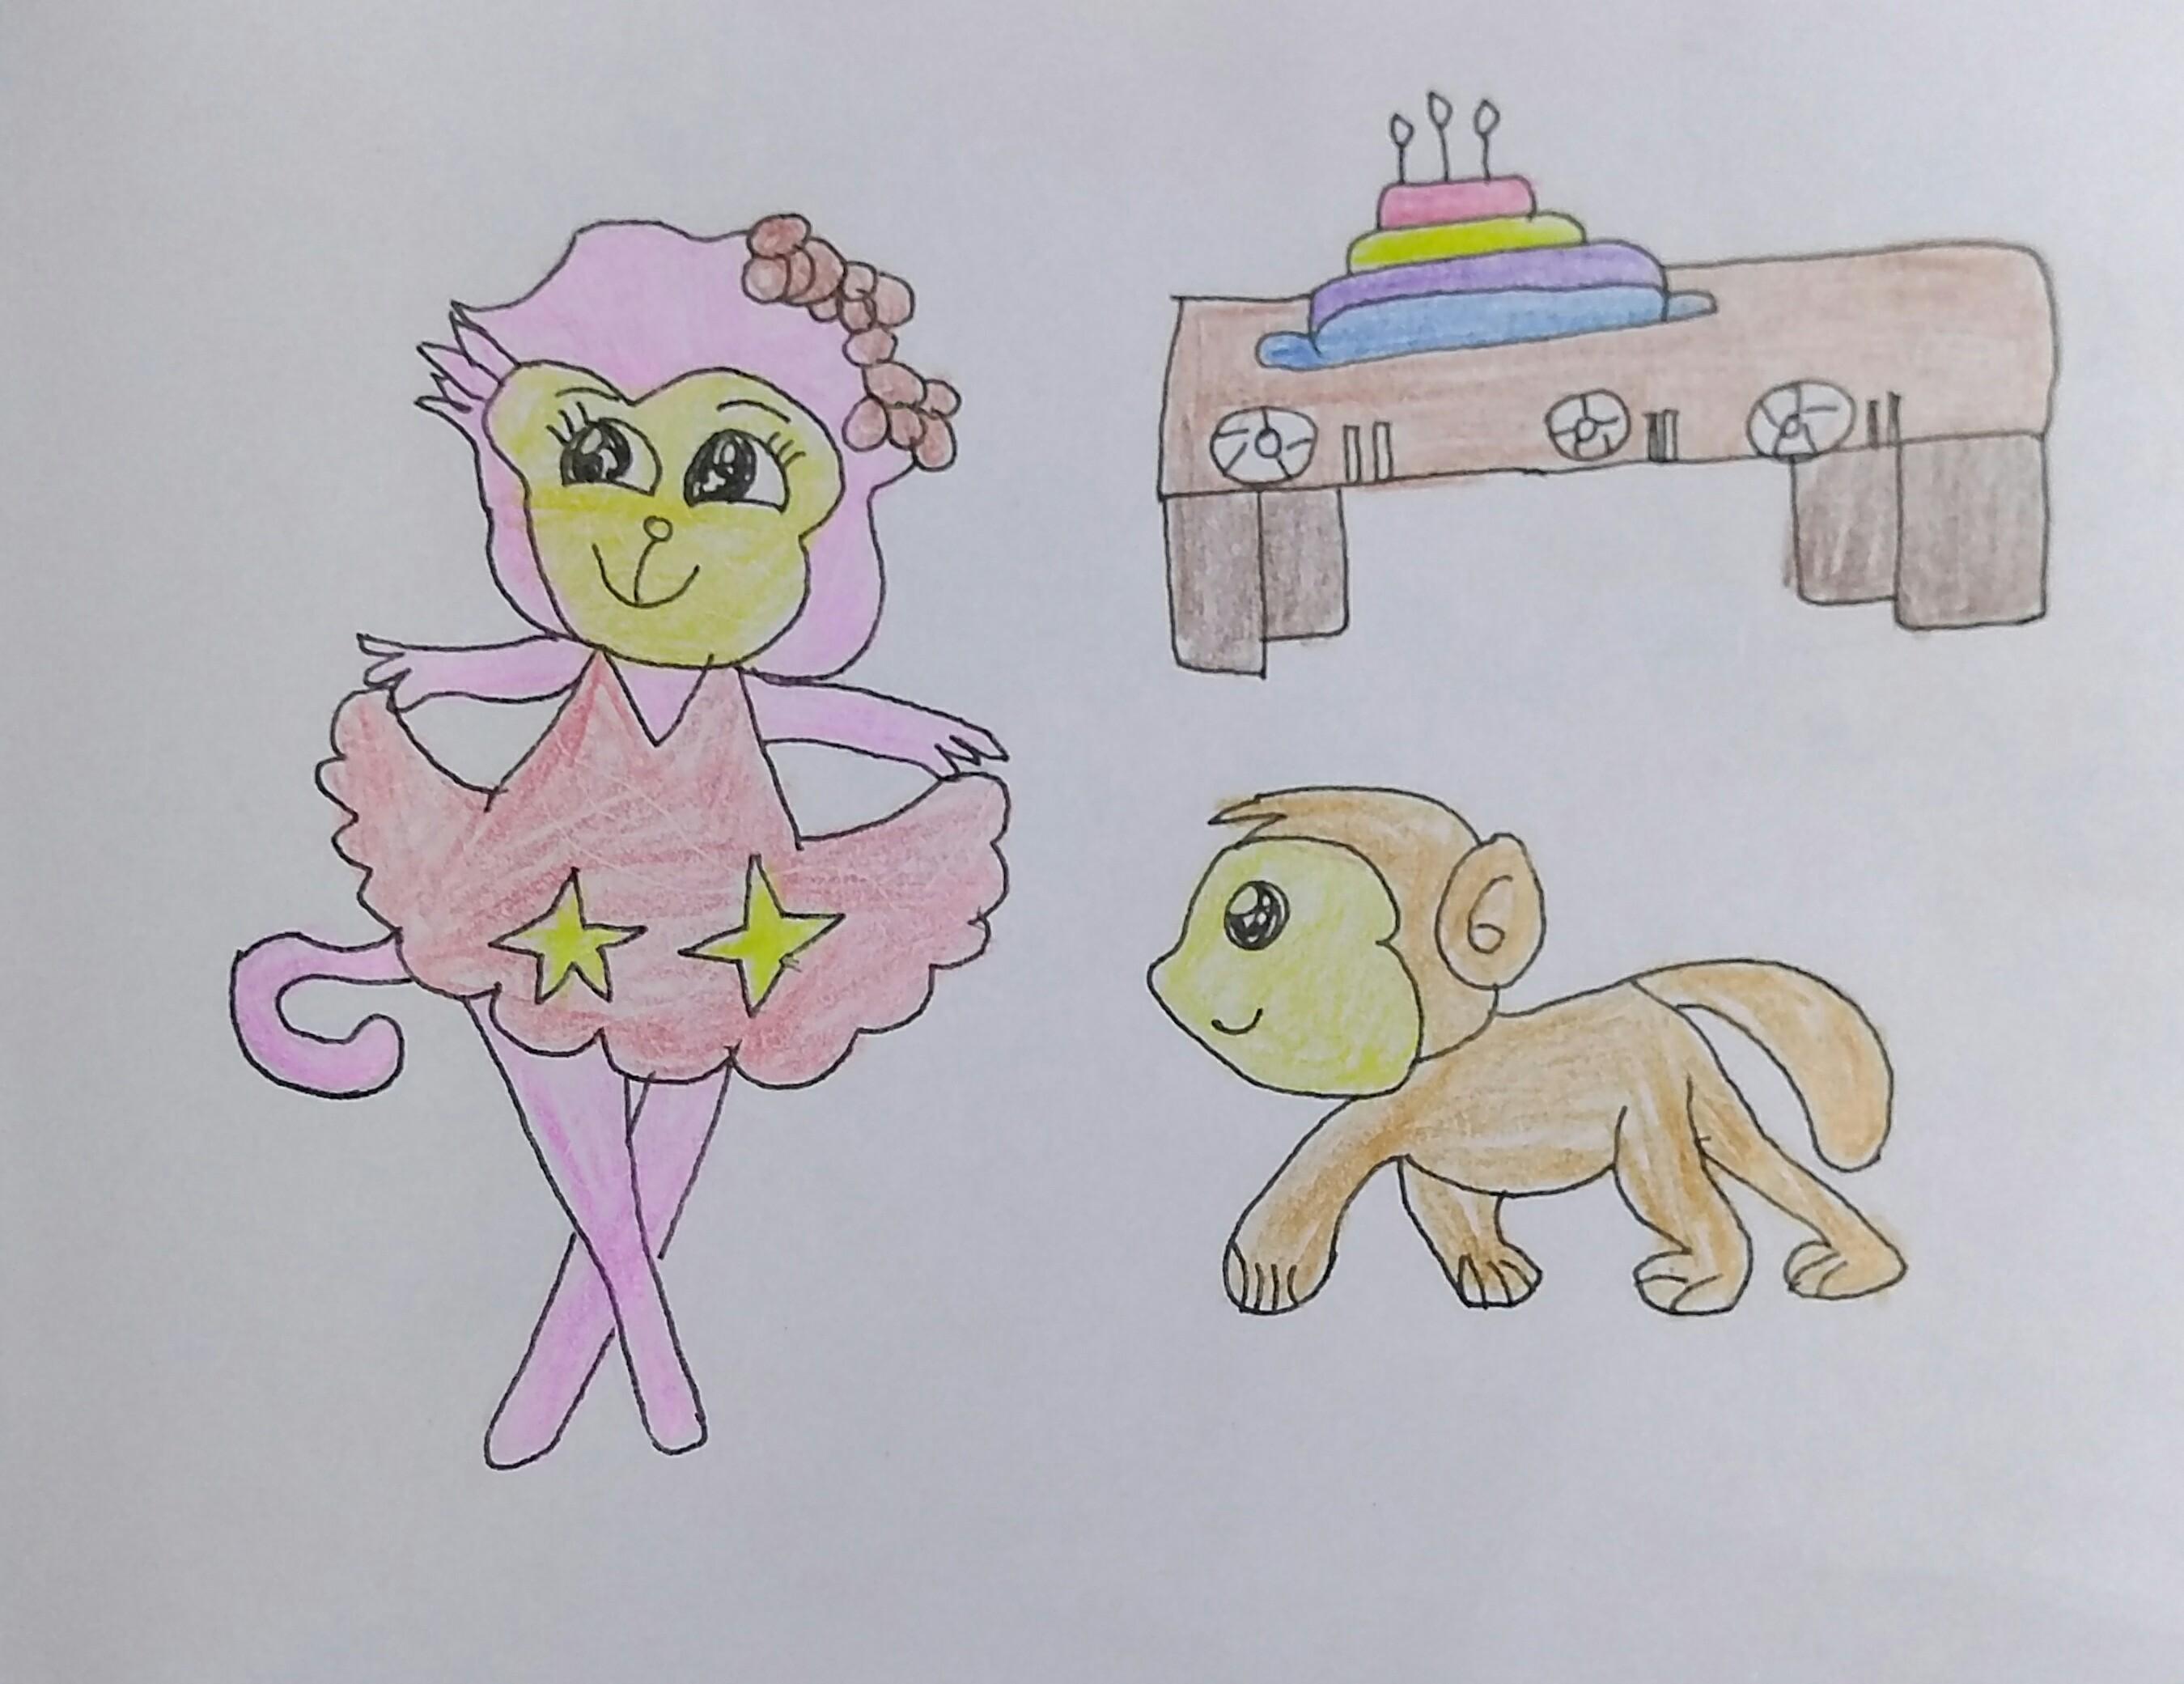 【双旦来啦】小猴子送给妈妈的花——绘画版